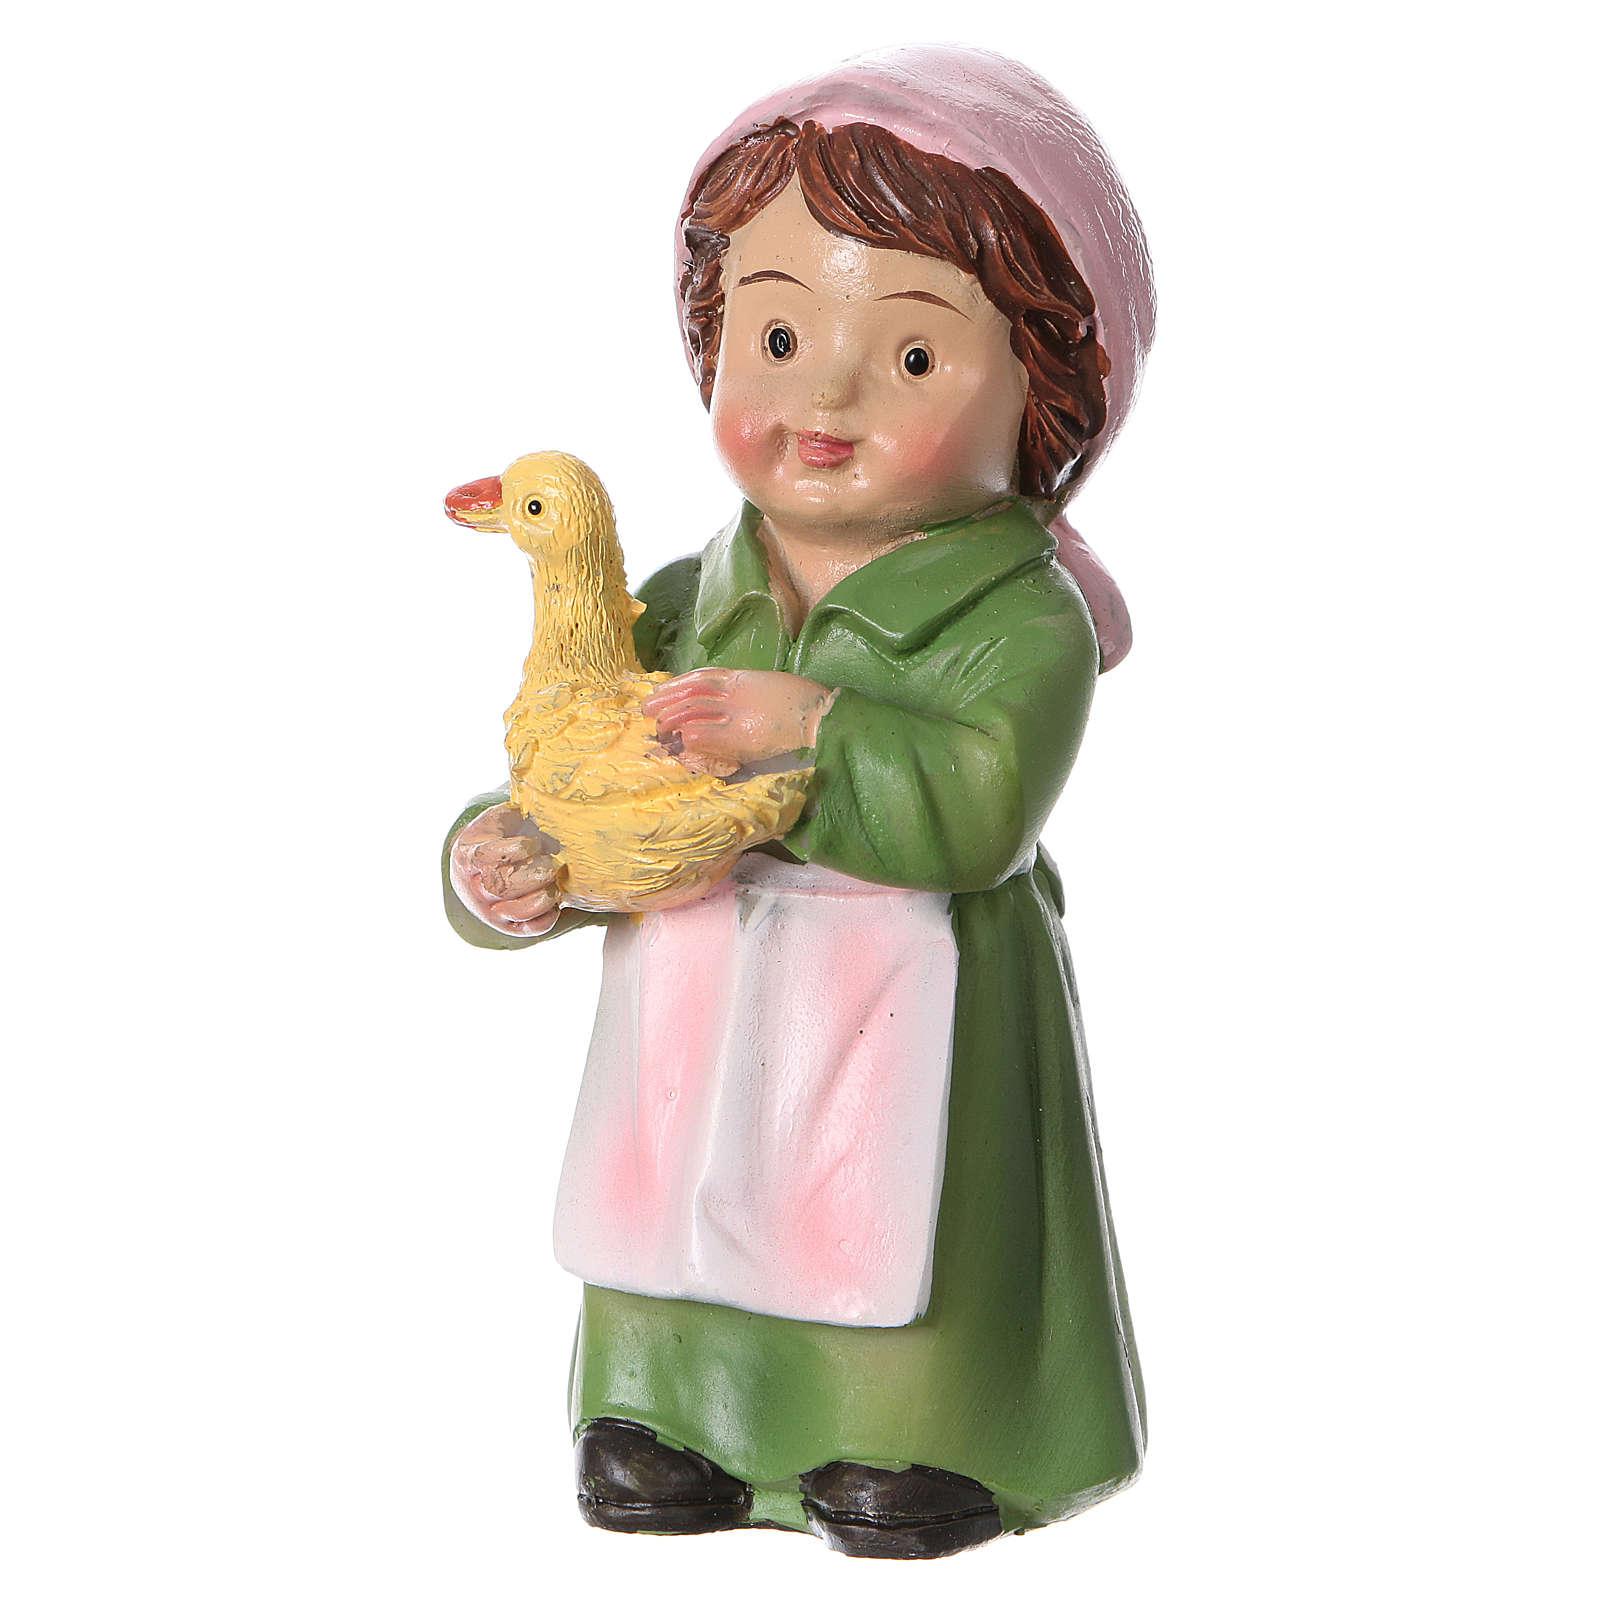 Statuina pastorella con papera per presepi 9 cm linea bambino 3